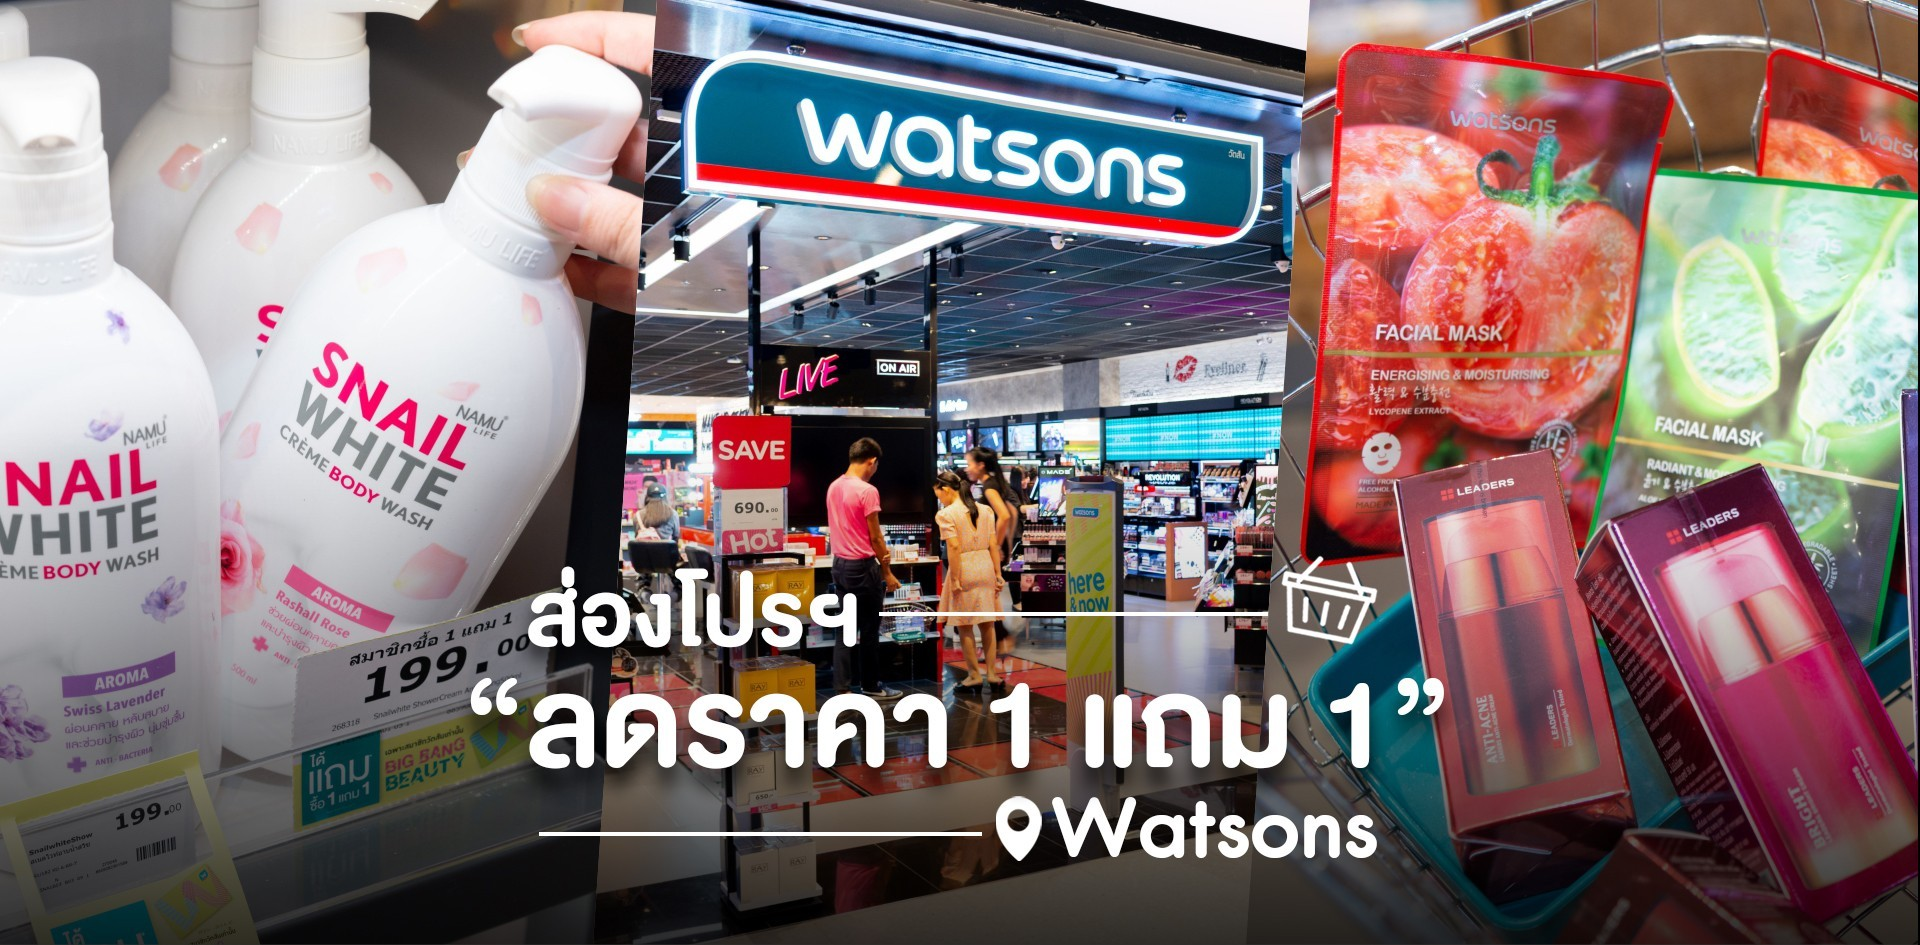 ส่องโปรโมชั่นลดราคา 1 แถม 1 ที่ Watsons !